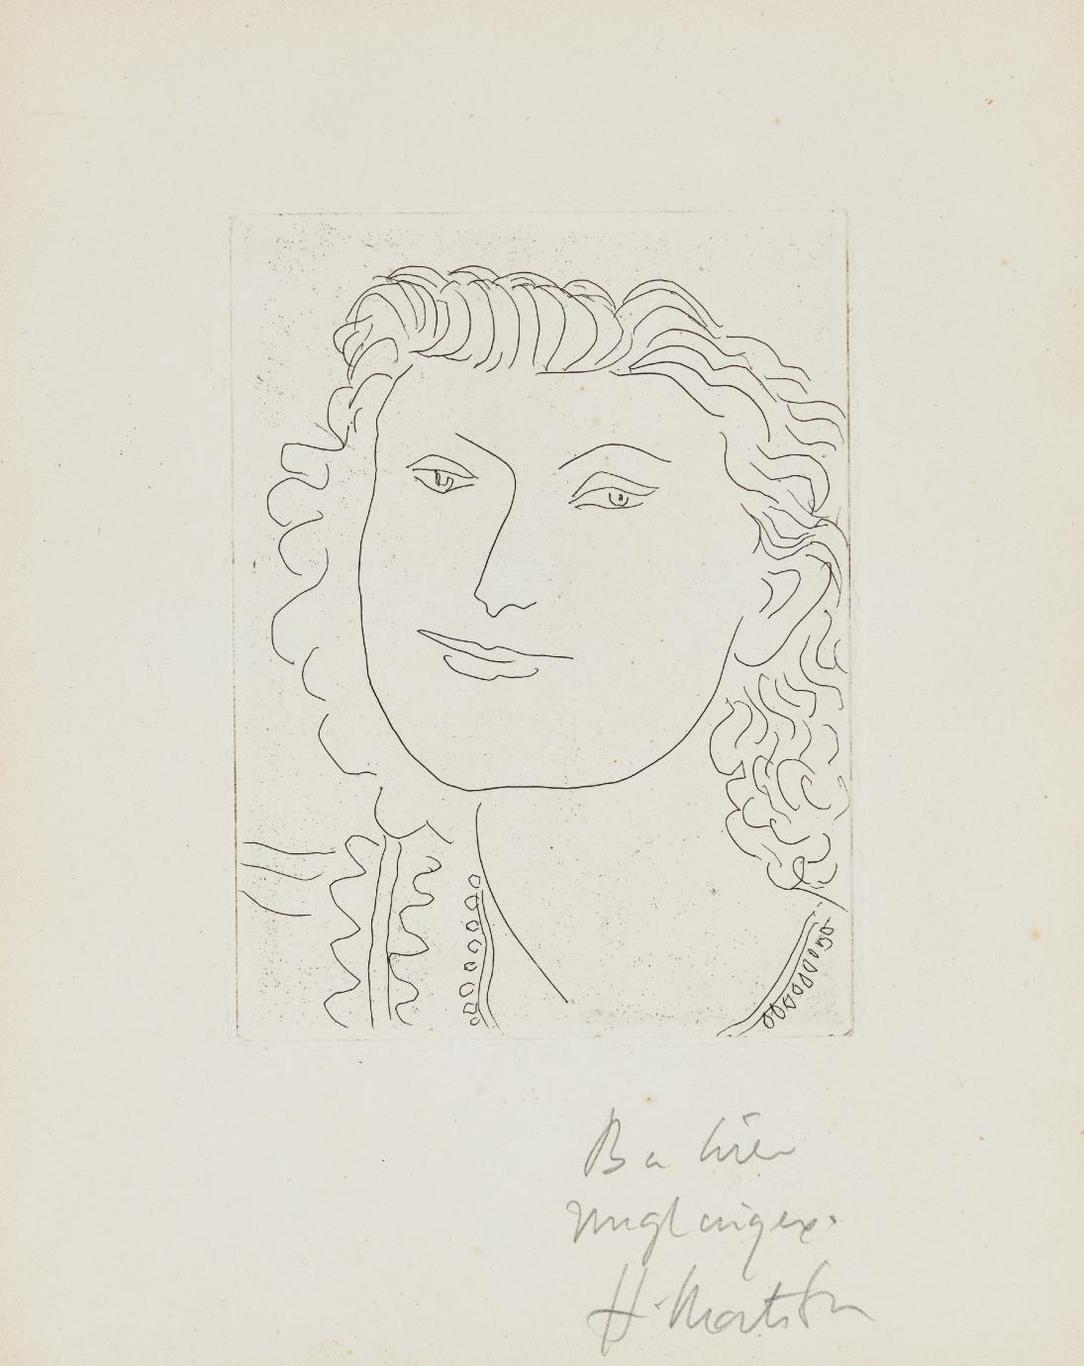 Henri Matisse-Visage Souriant (Smiling Face)-1946